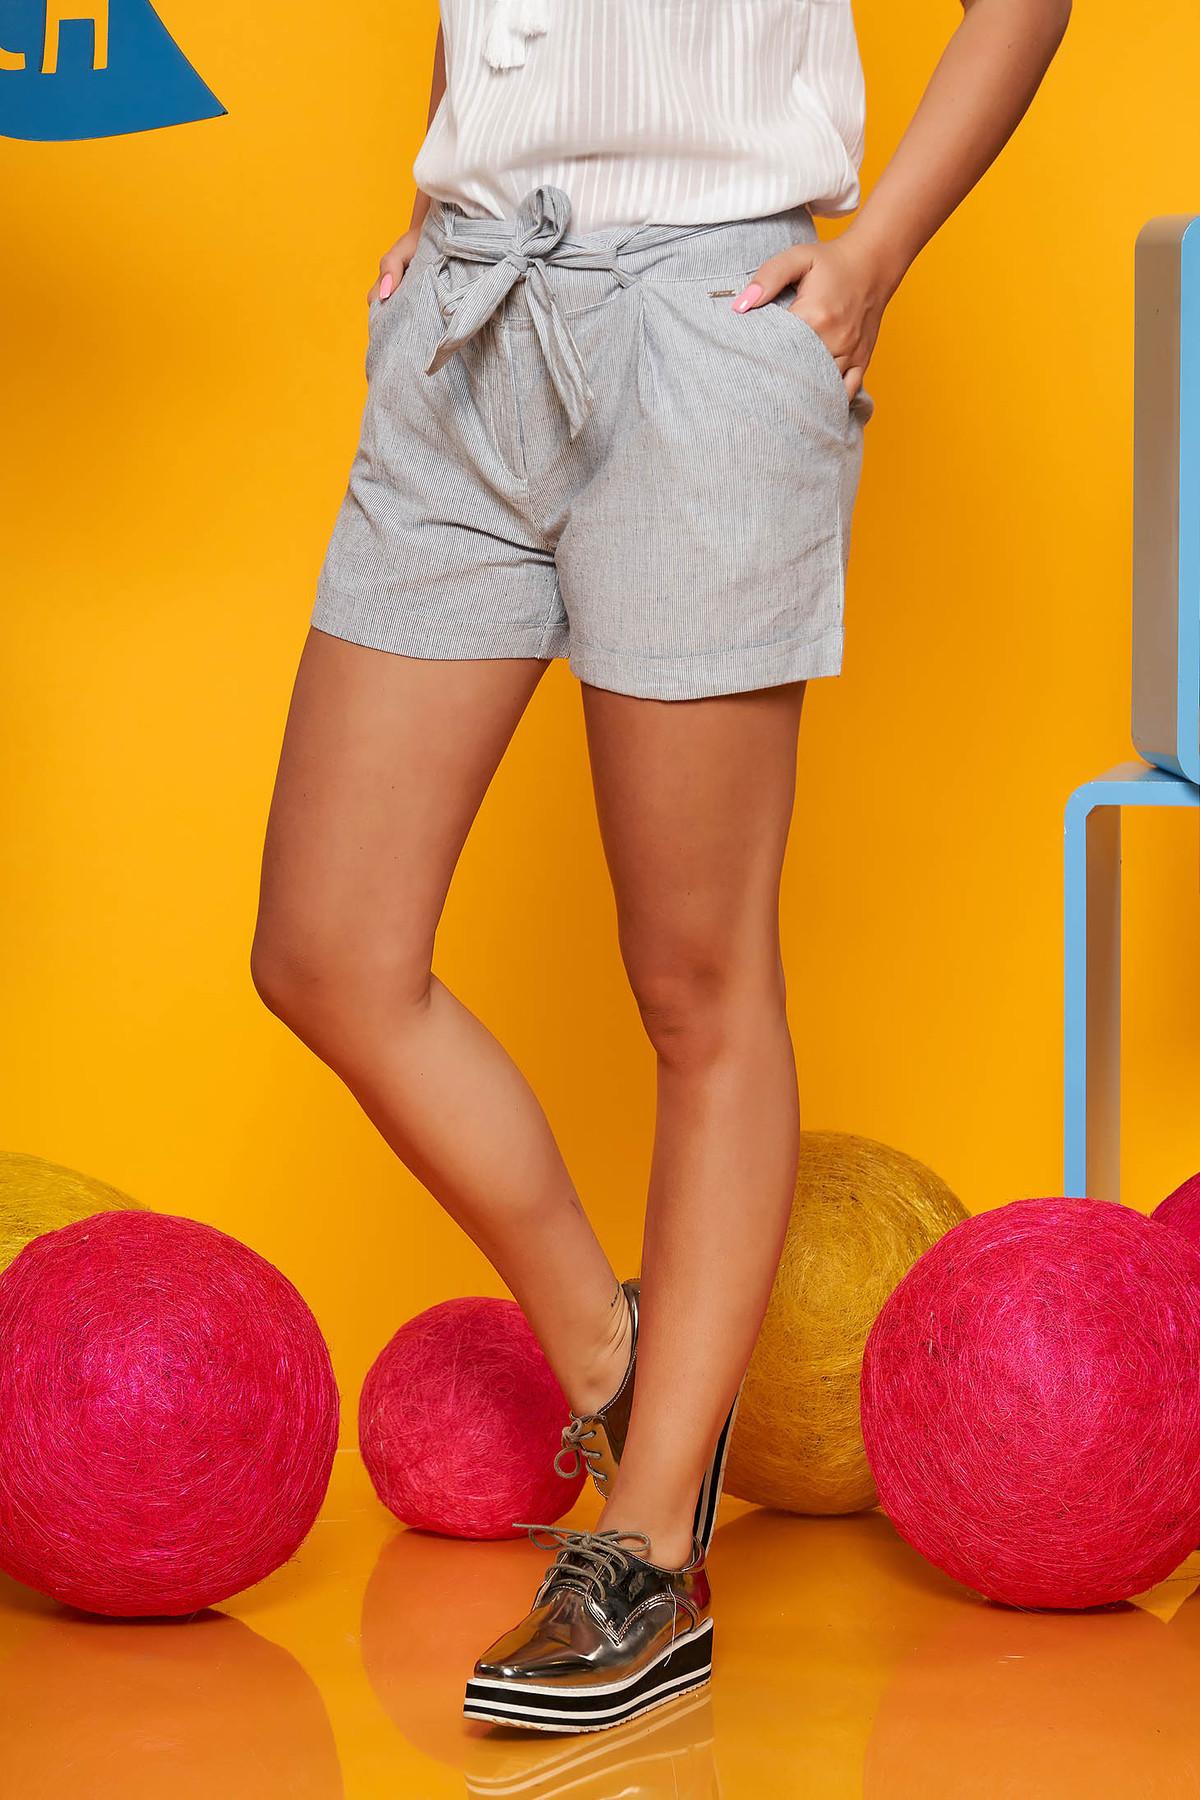 Pantalon scurt Top Secret Gri deschis  casual din bumbac neelastic cu talie medie